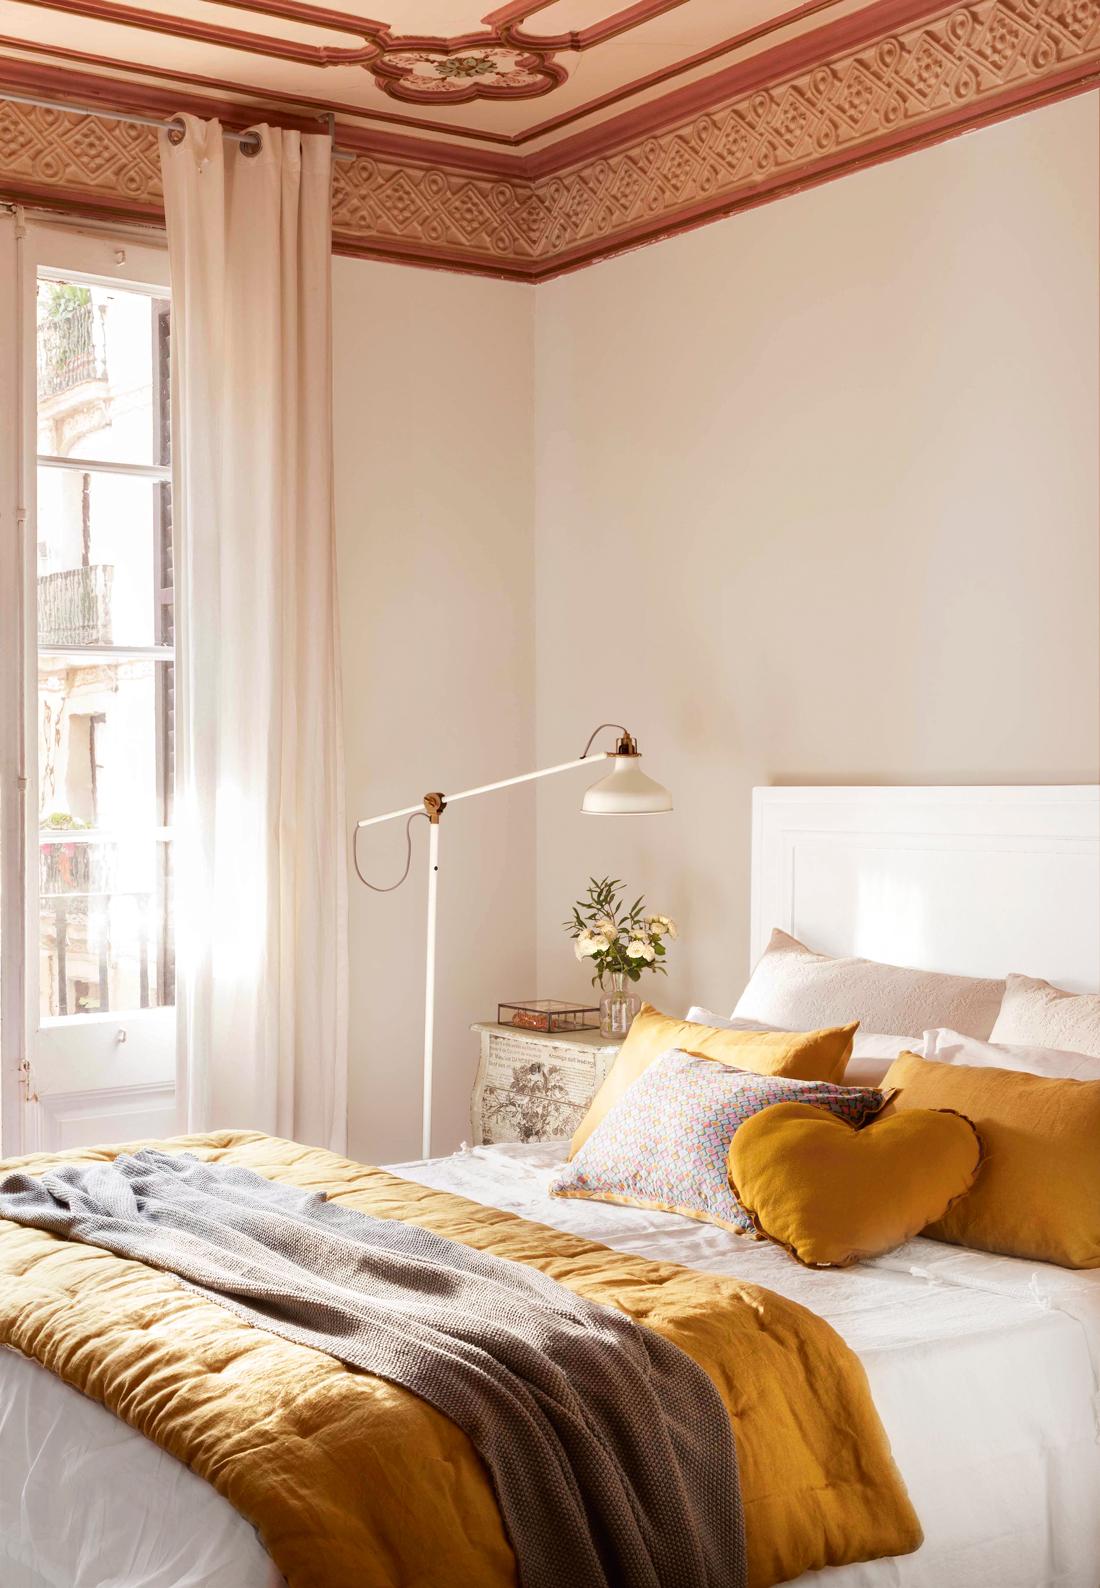 Redecora tu casa seg n la estaci n de a o - Cabeceros con cojines ...